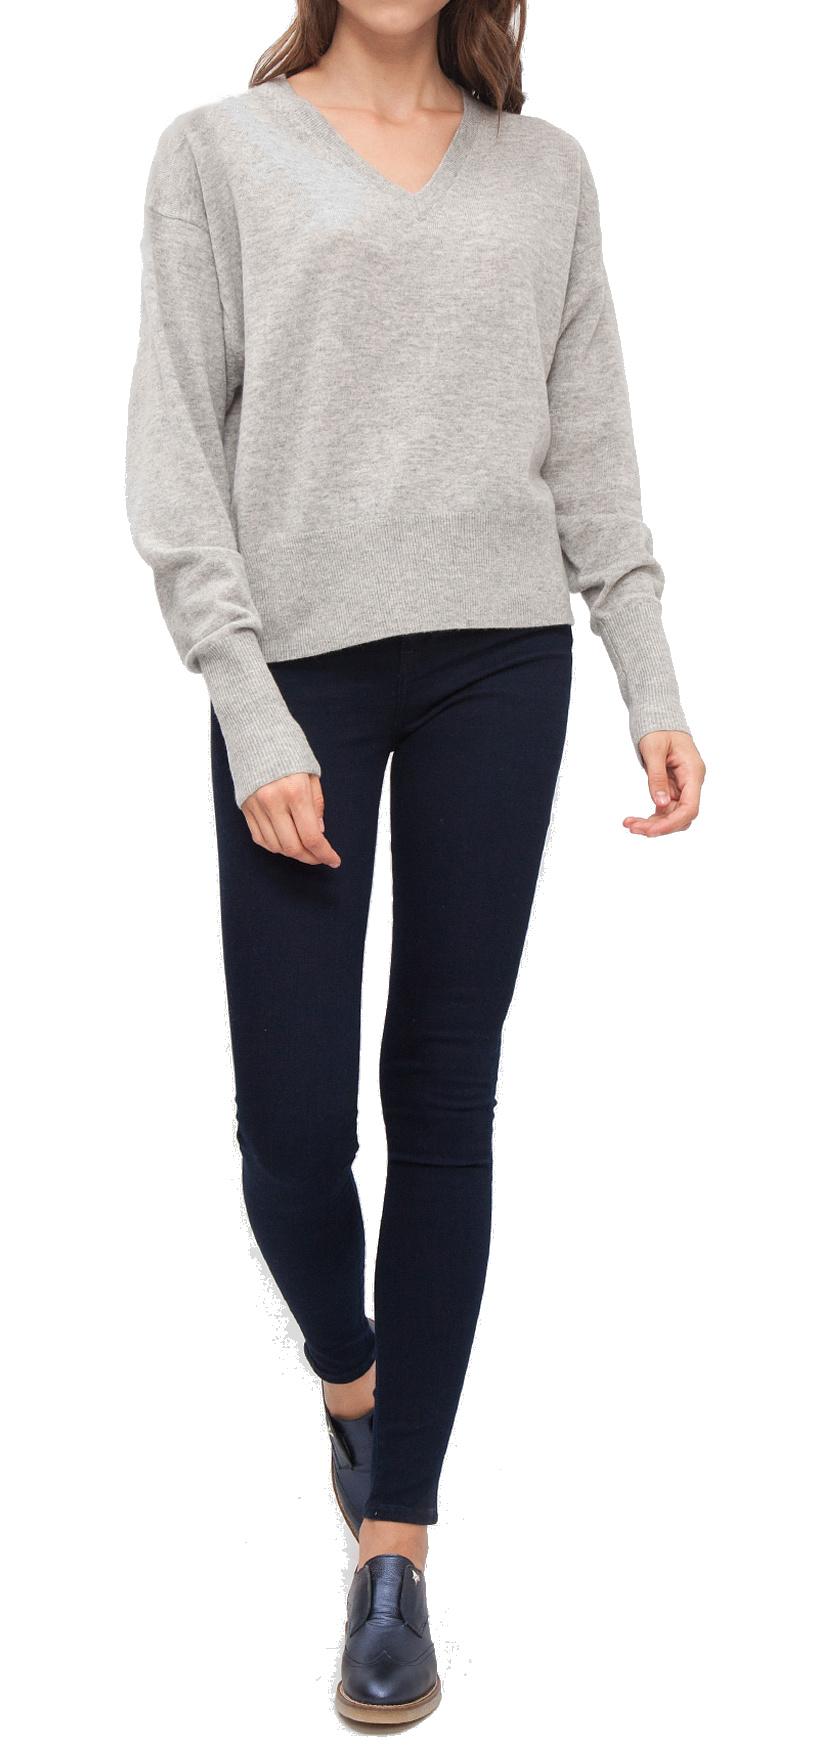 Tommy Hilfiger Gwynie V-Neck Sweater pulóver šedý  e274ad96b6c